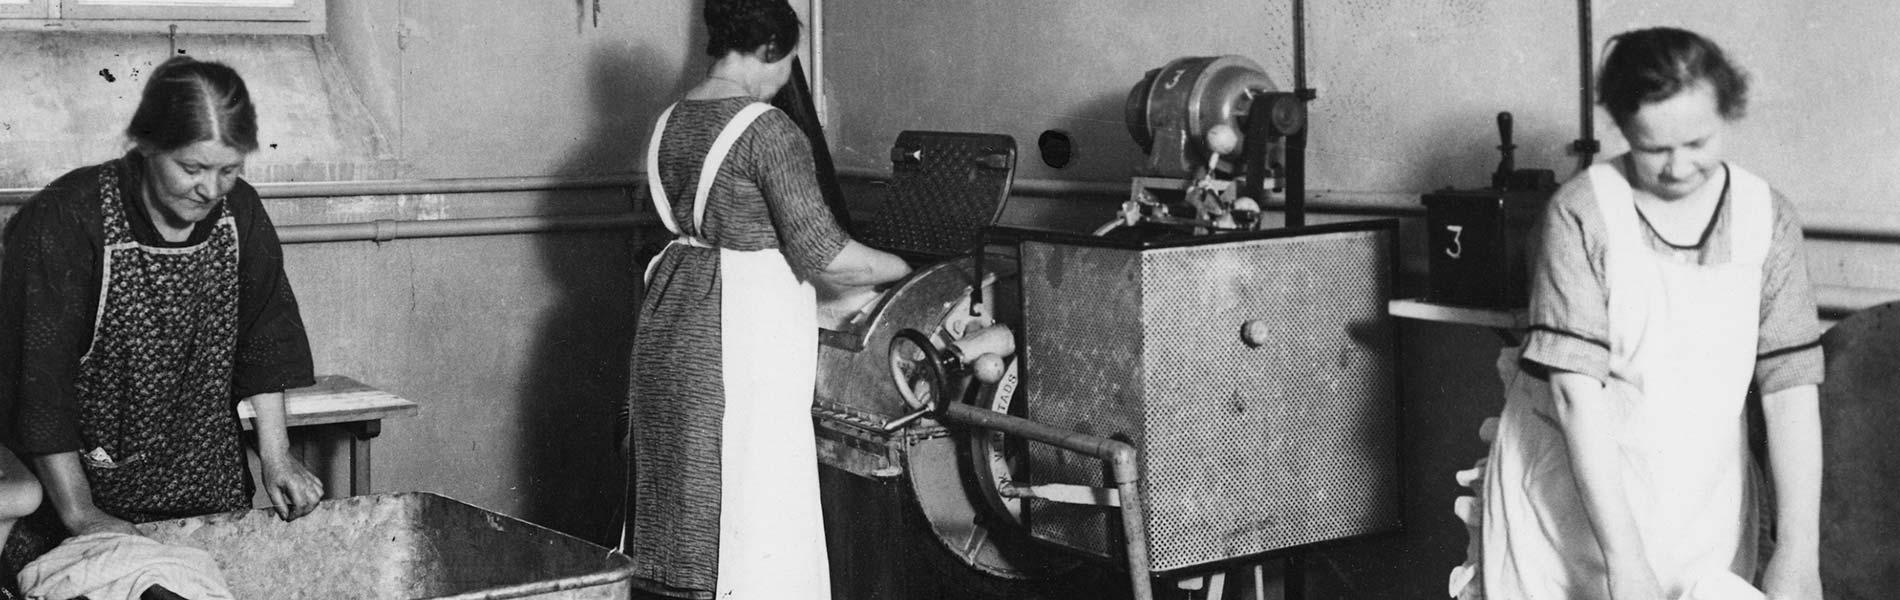 En kvinna står framför en stor tvättmaskin. Bakom henne ligger en tvättkorg med linne